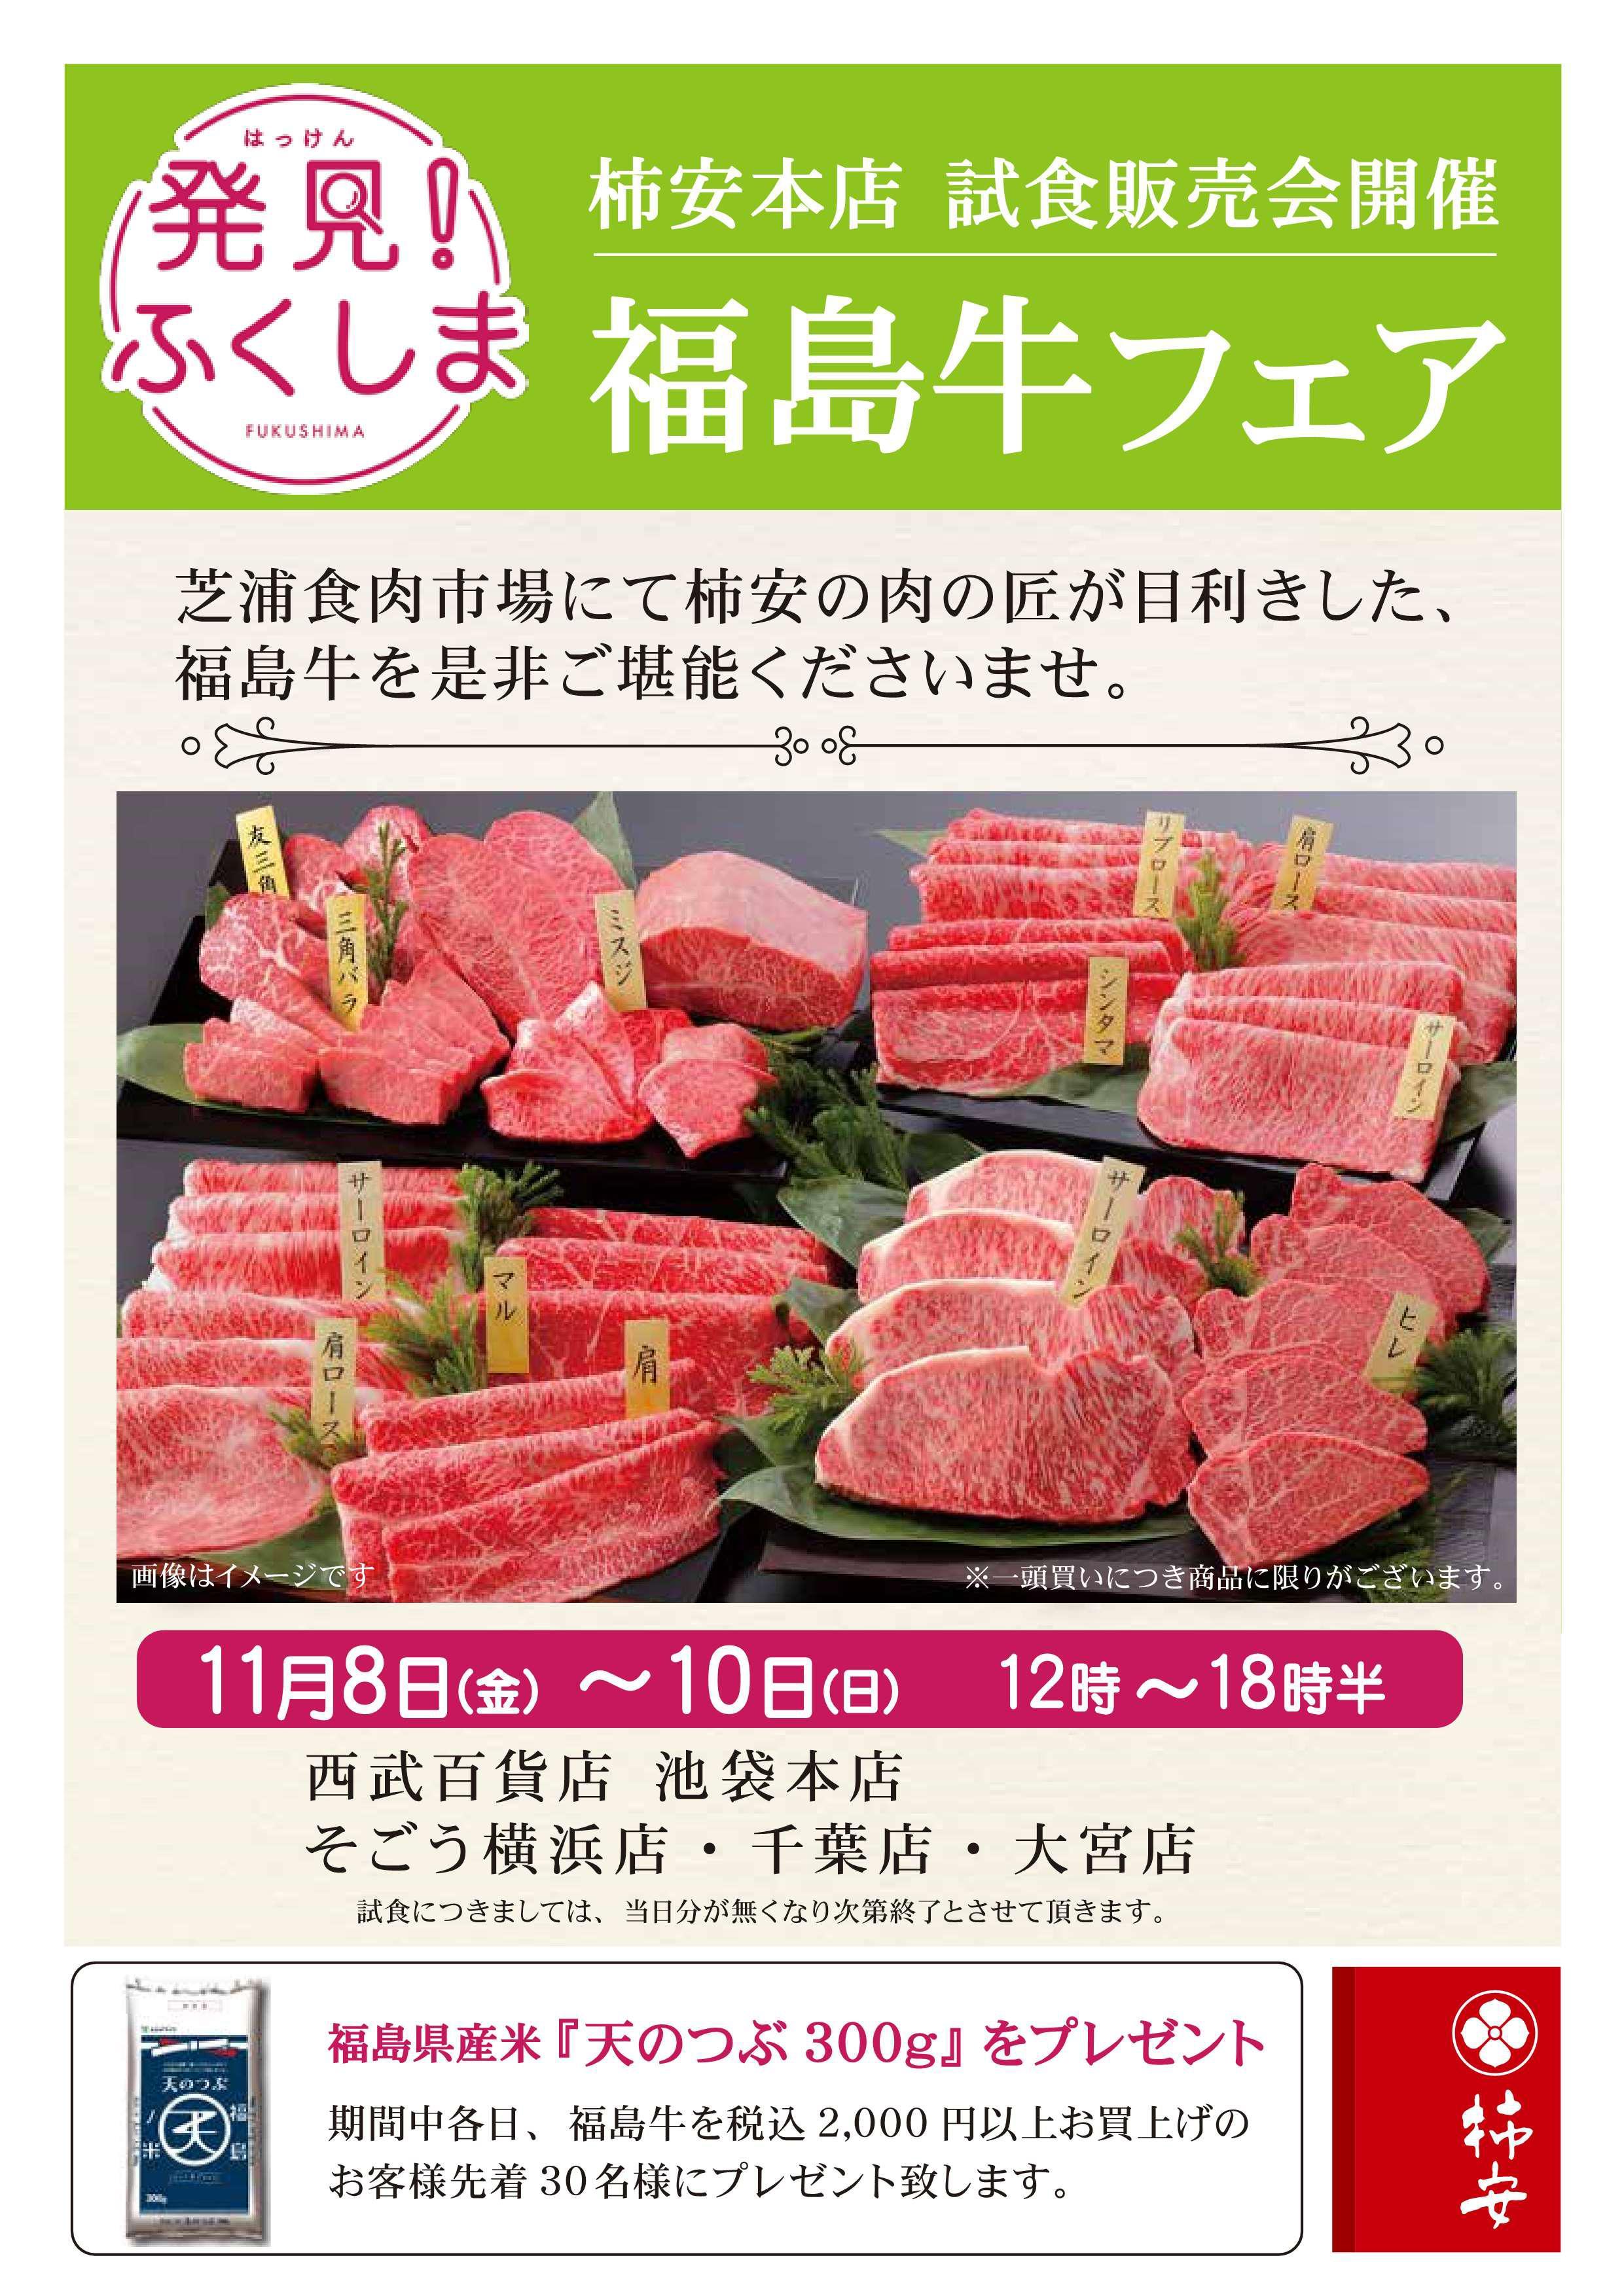 最終そごう西武福島牛フェア告知POP.jpg